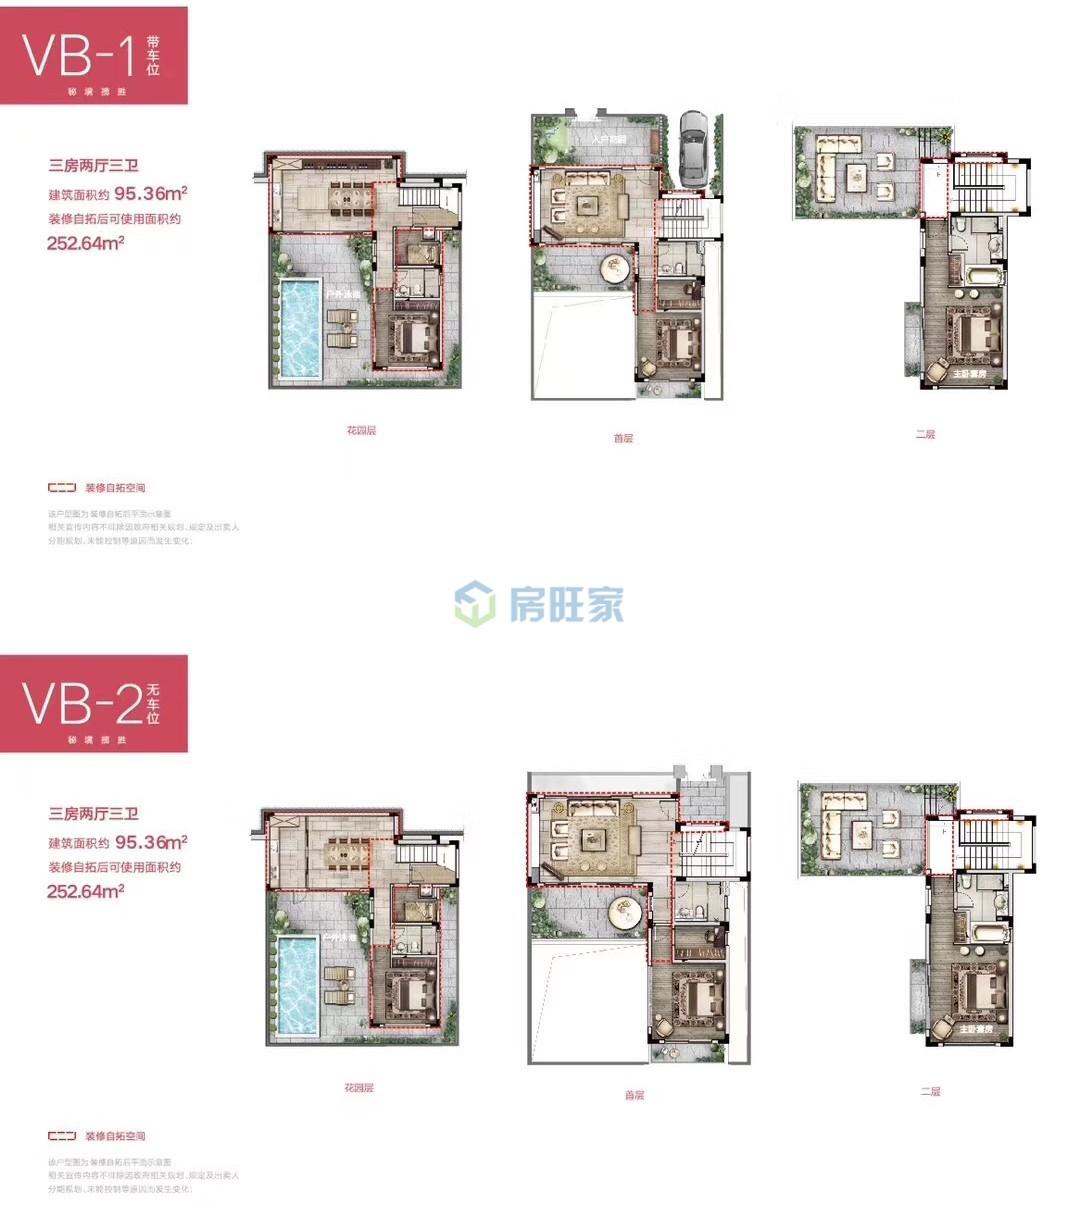 融创海棠湾VB户型户型图 建面95平,使用面积253平